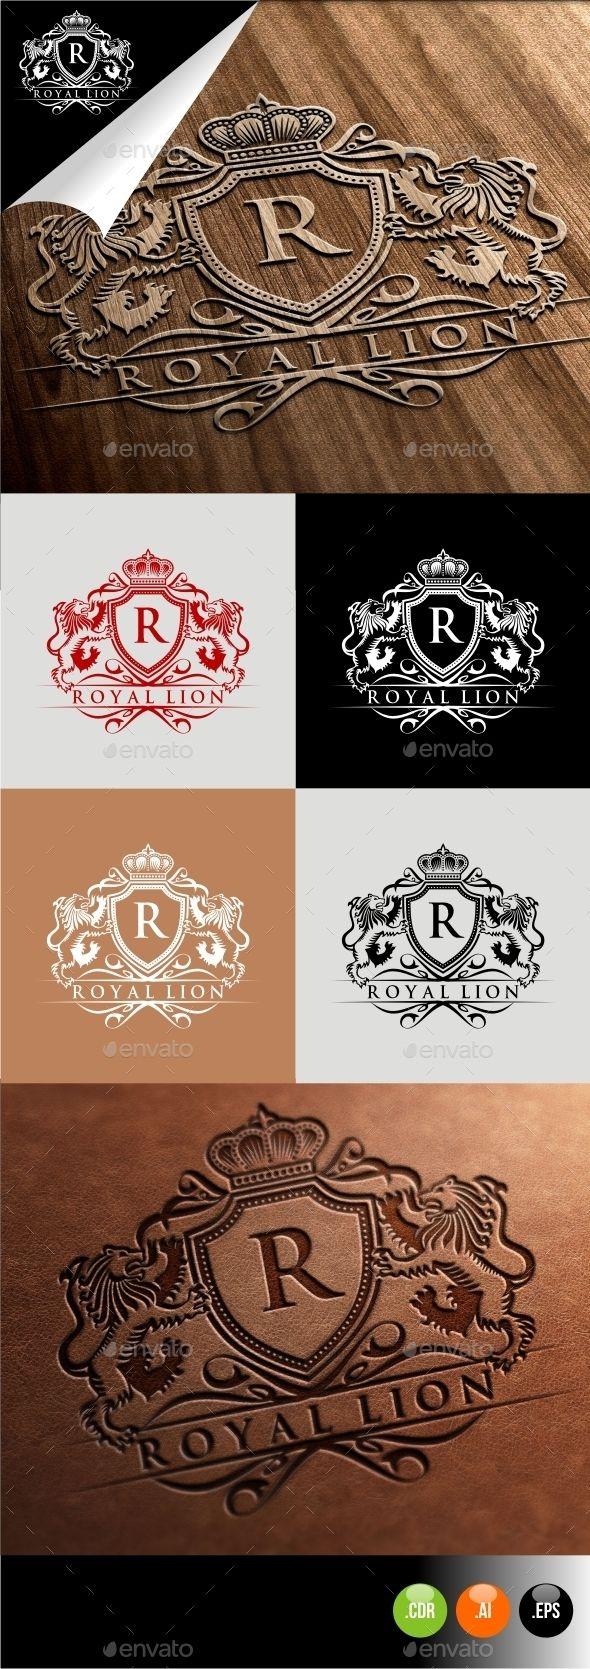 Royal Lion Lion vector, Lions and Crest logo